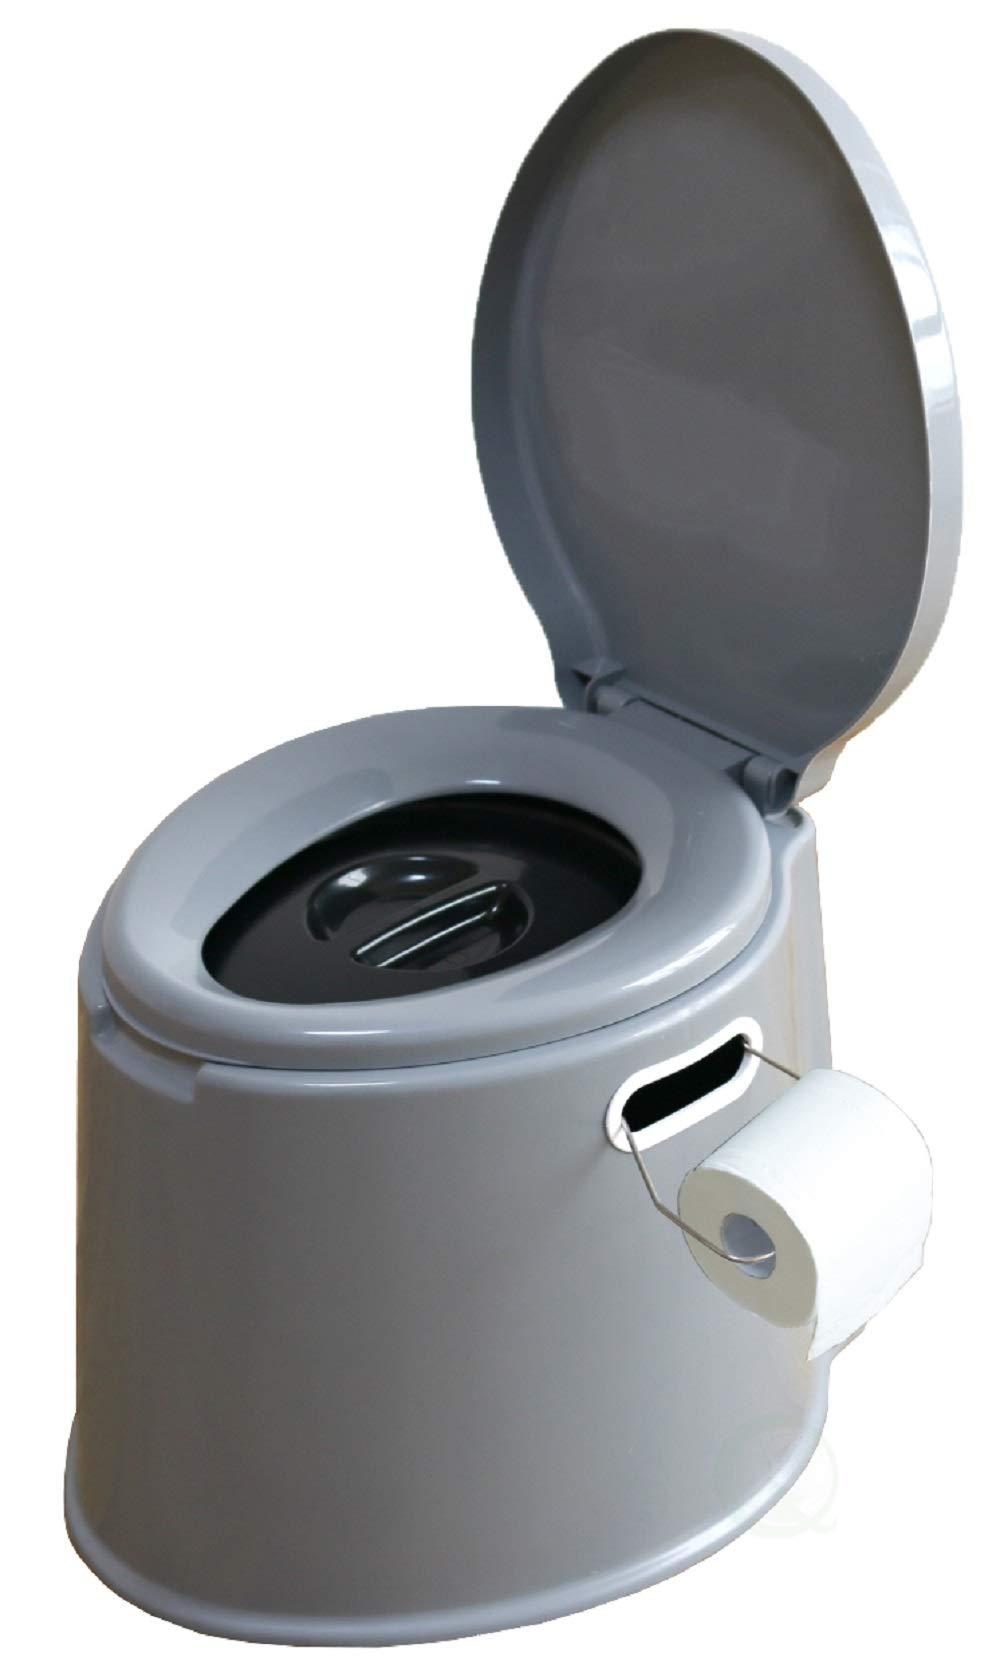 Toilette de Toilette pour Voiture compacte Pliable Portable N//Y Si/ège de Toilette de Camping Camouflage Pot de Toilette de Voiture de Conception Ergonomique pour la randonn/ée et Les Longs Voyages